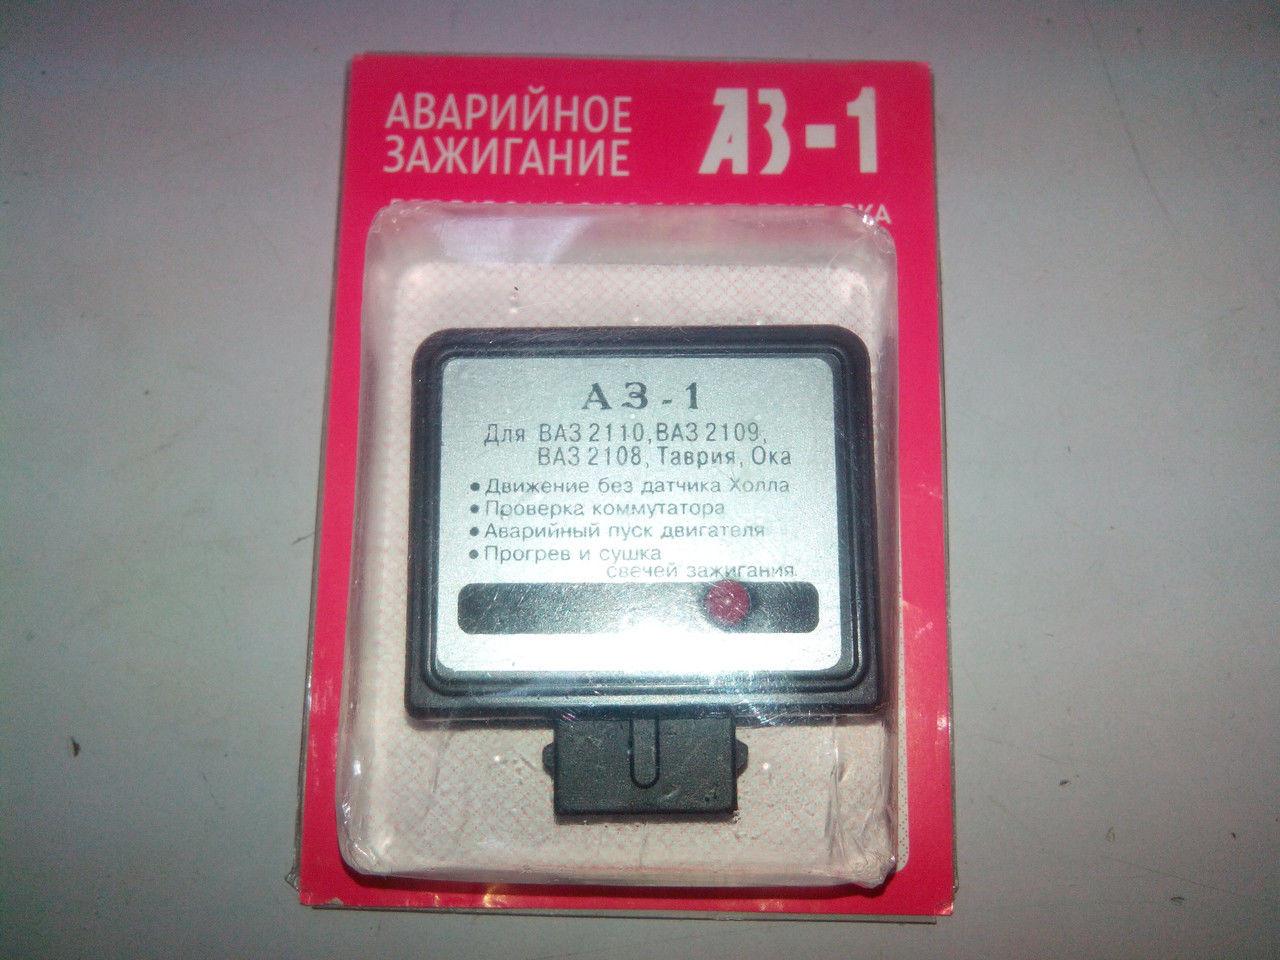 Аварийное зажигание ВАЗ-2108